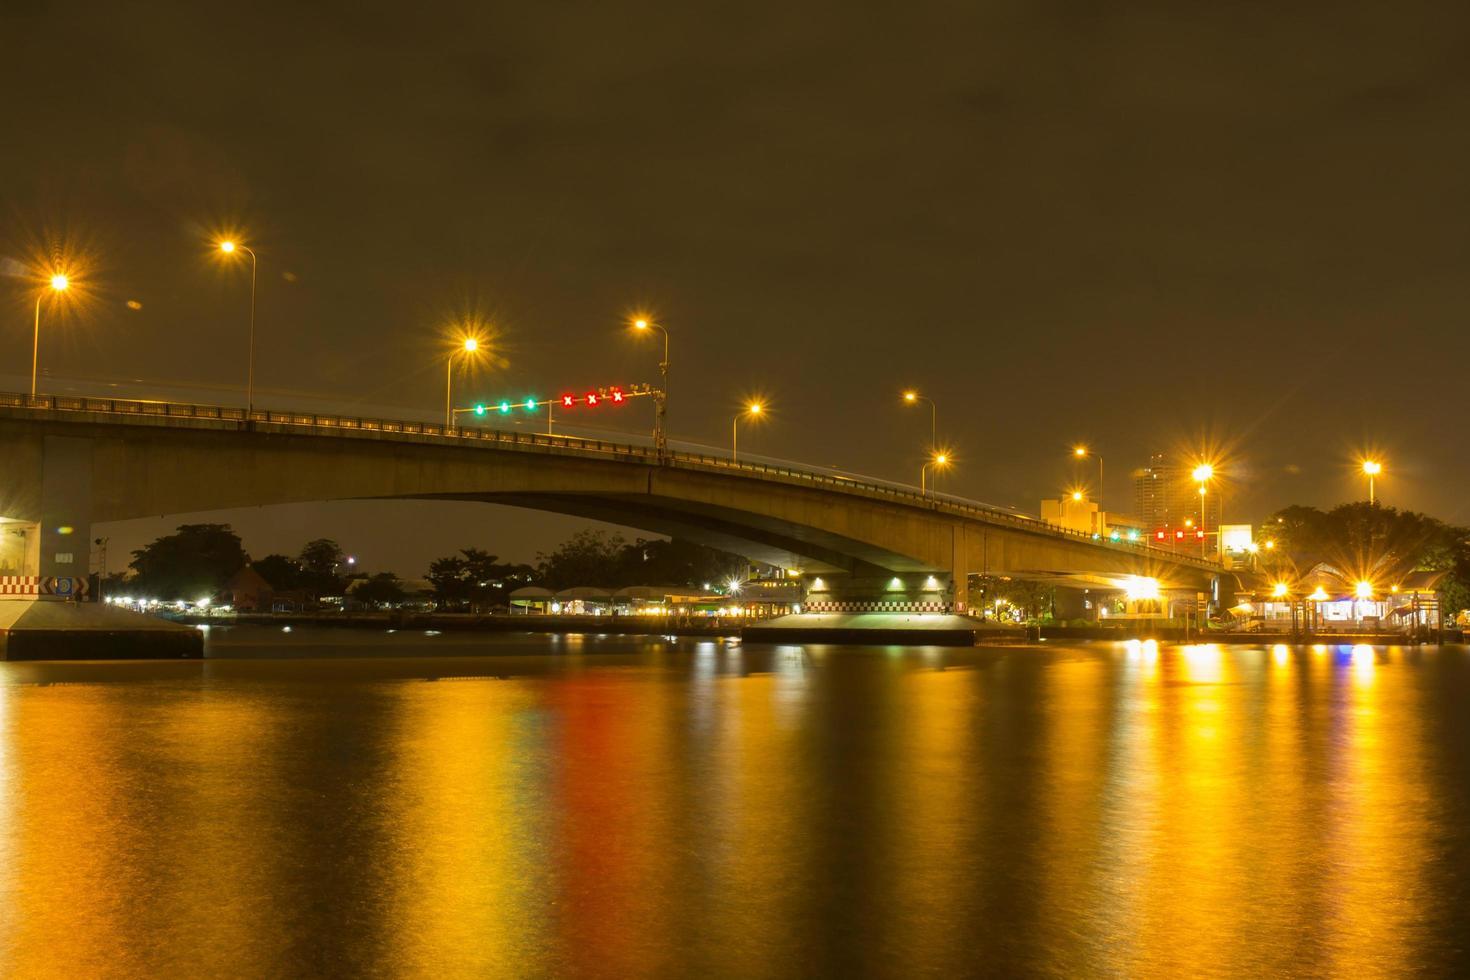 lunga esposizione di un ponte sul fiume chao phraya foto